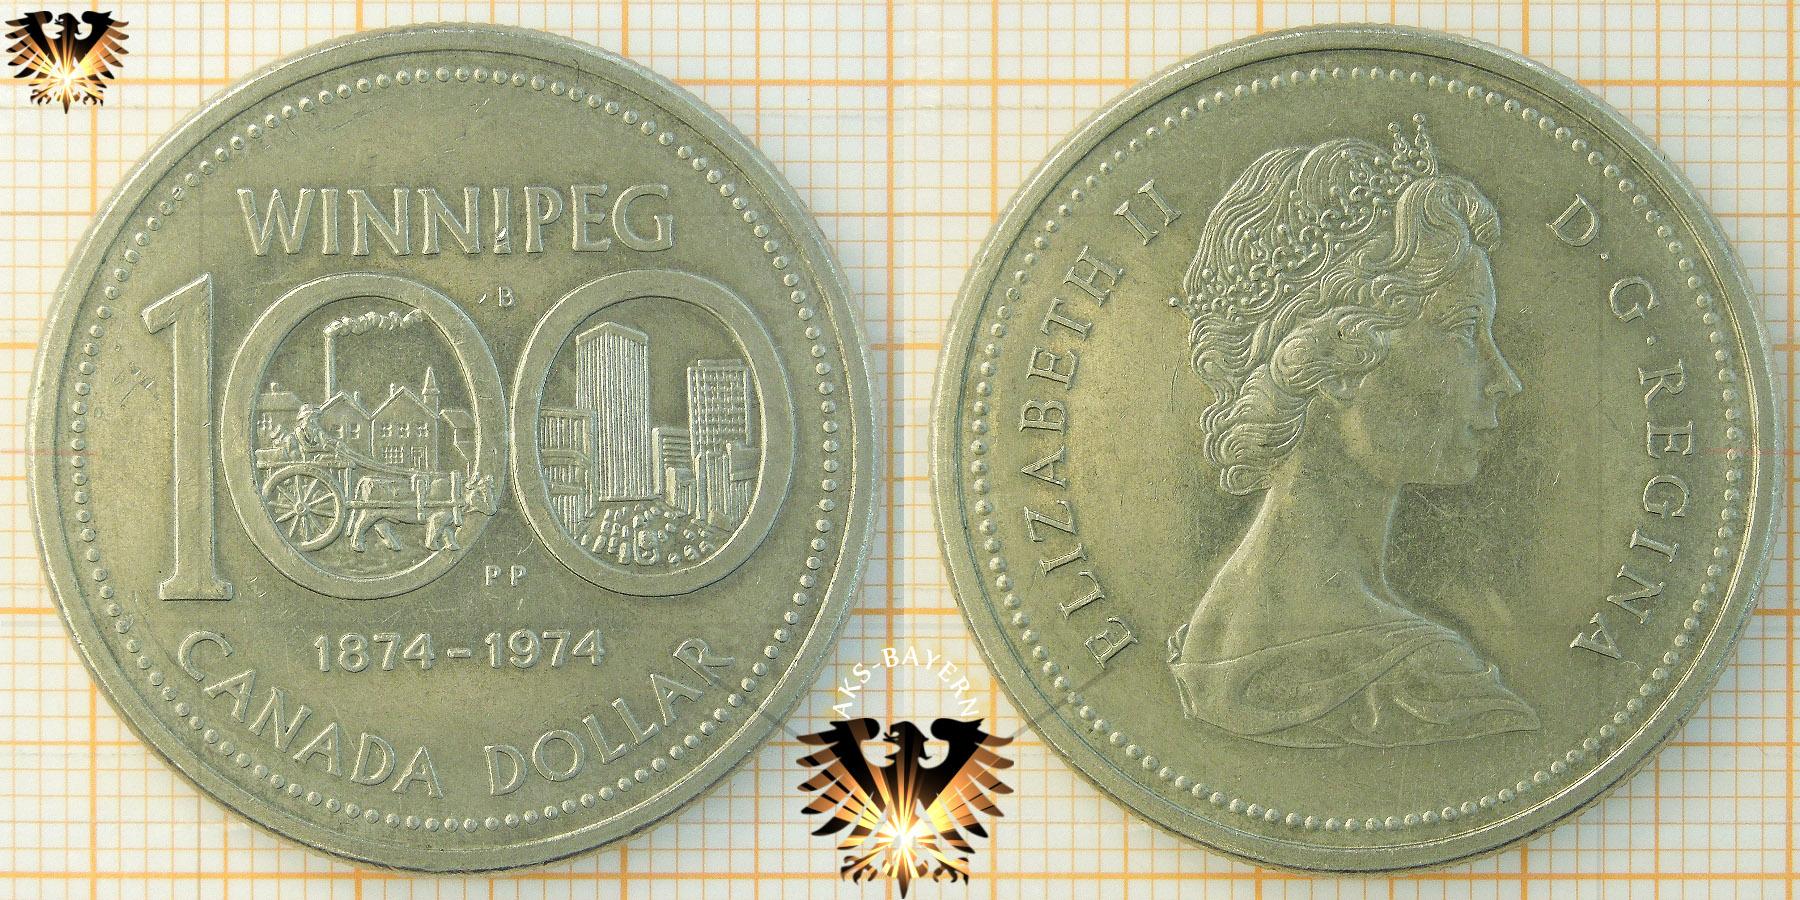 Zur Umrechnung Singapur Dollar (SGD) in Euro finden Sie hier einen Währungsrechner mit stets aktuellem Umrechnungskurs. Zudem erhalten Sie hier für Ihre Singapur-Reise die praktische Umrechnungstabelle Singapur Dollar in Euro: Einfach ausdrucken und ins Portemonnaie oder die Hosentasche stecken.